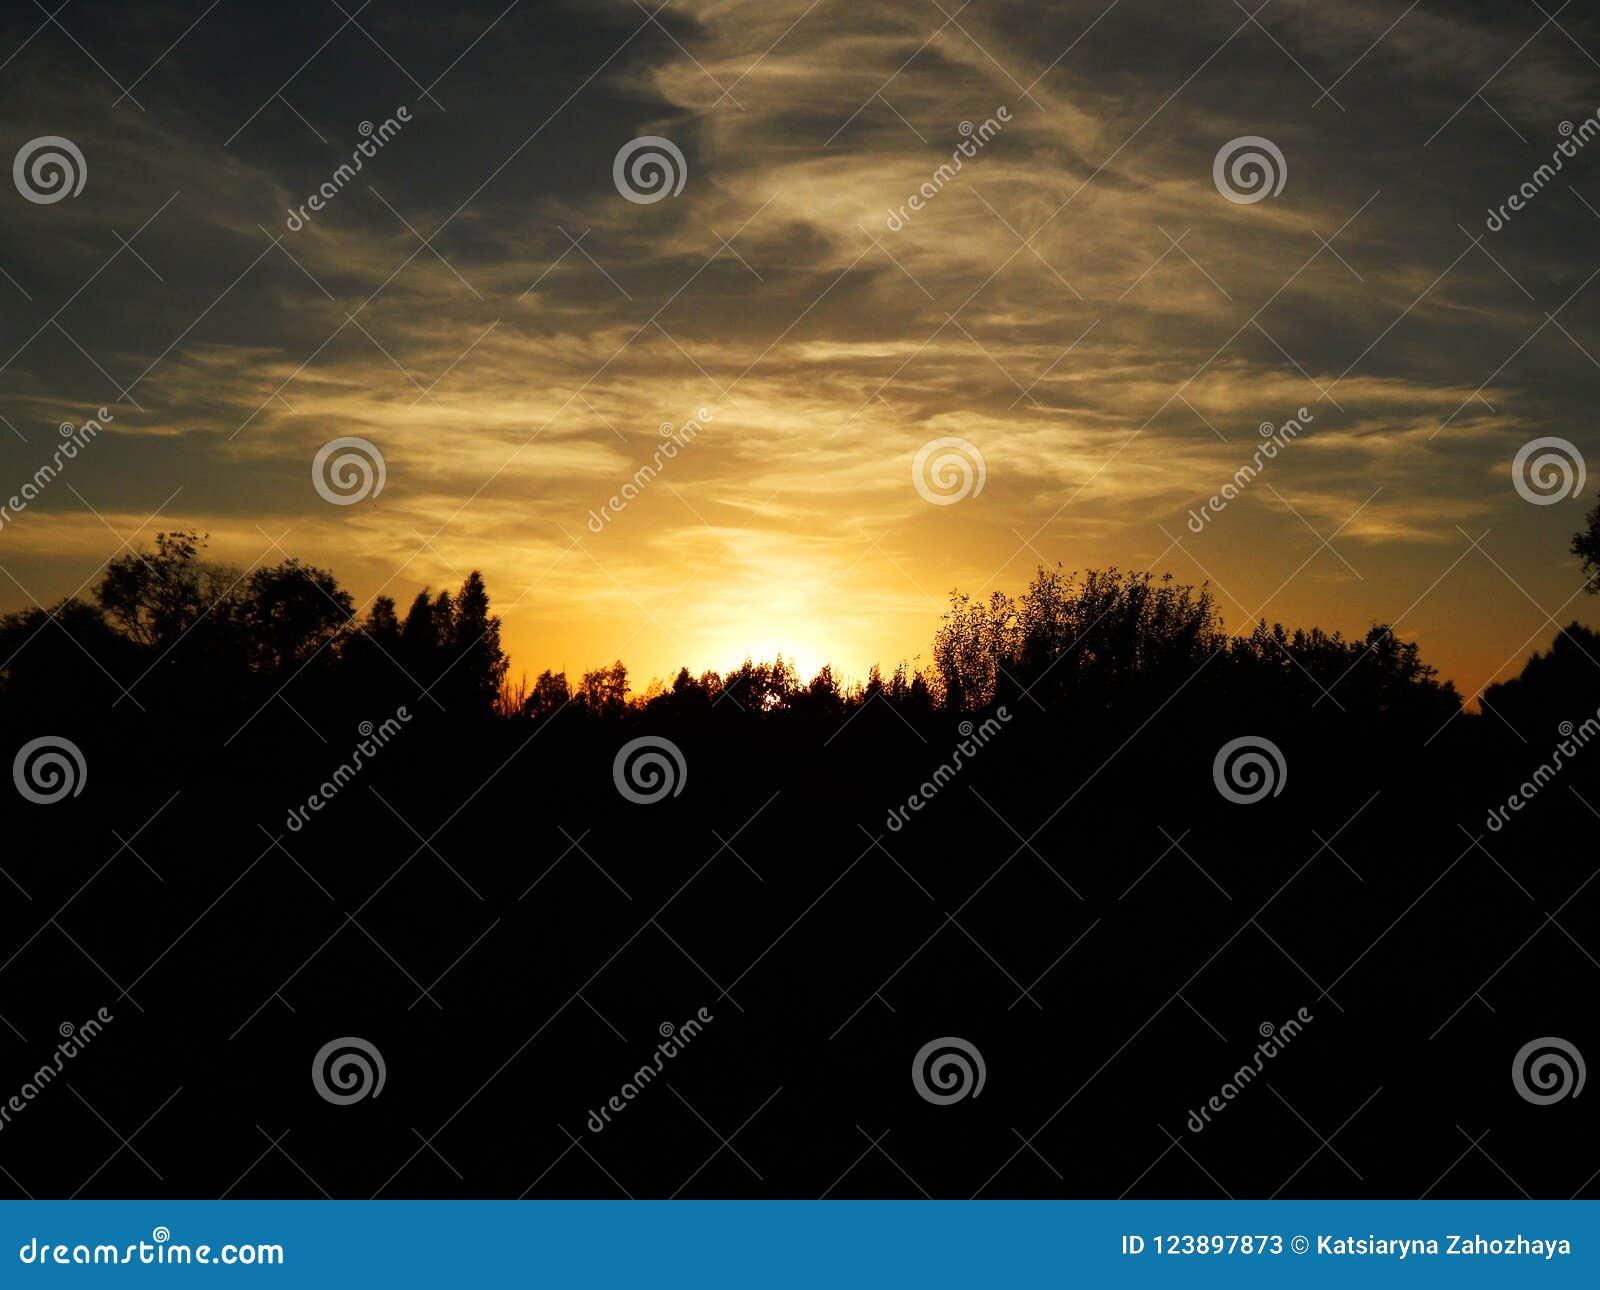 Schöner Sonnenuntergang mit blauem Himmel und Bäumen